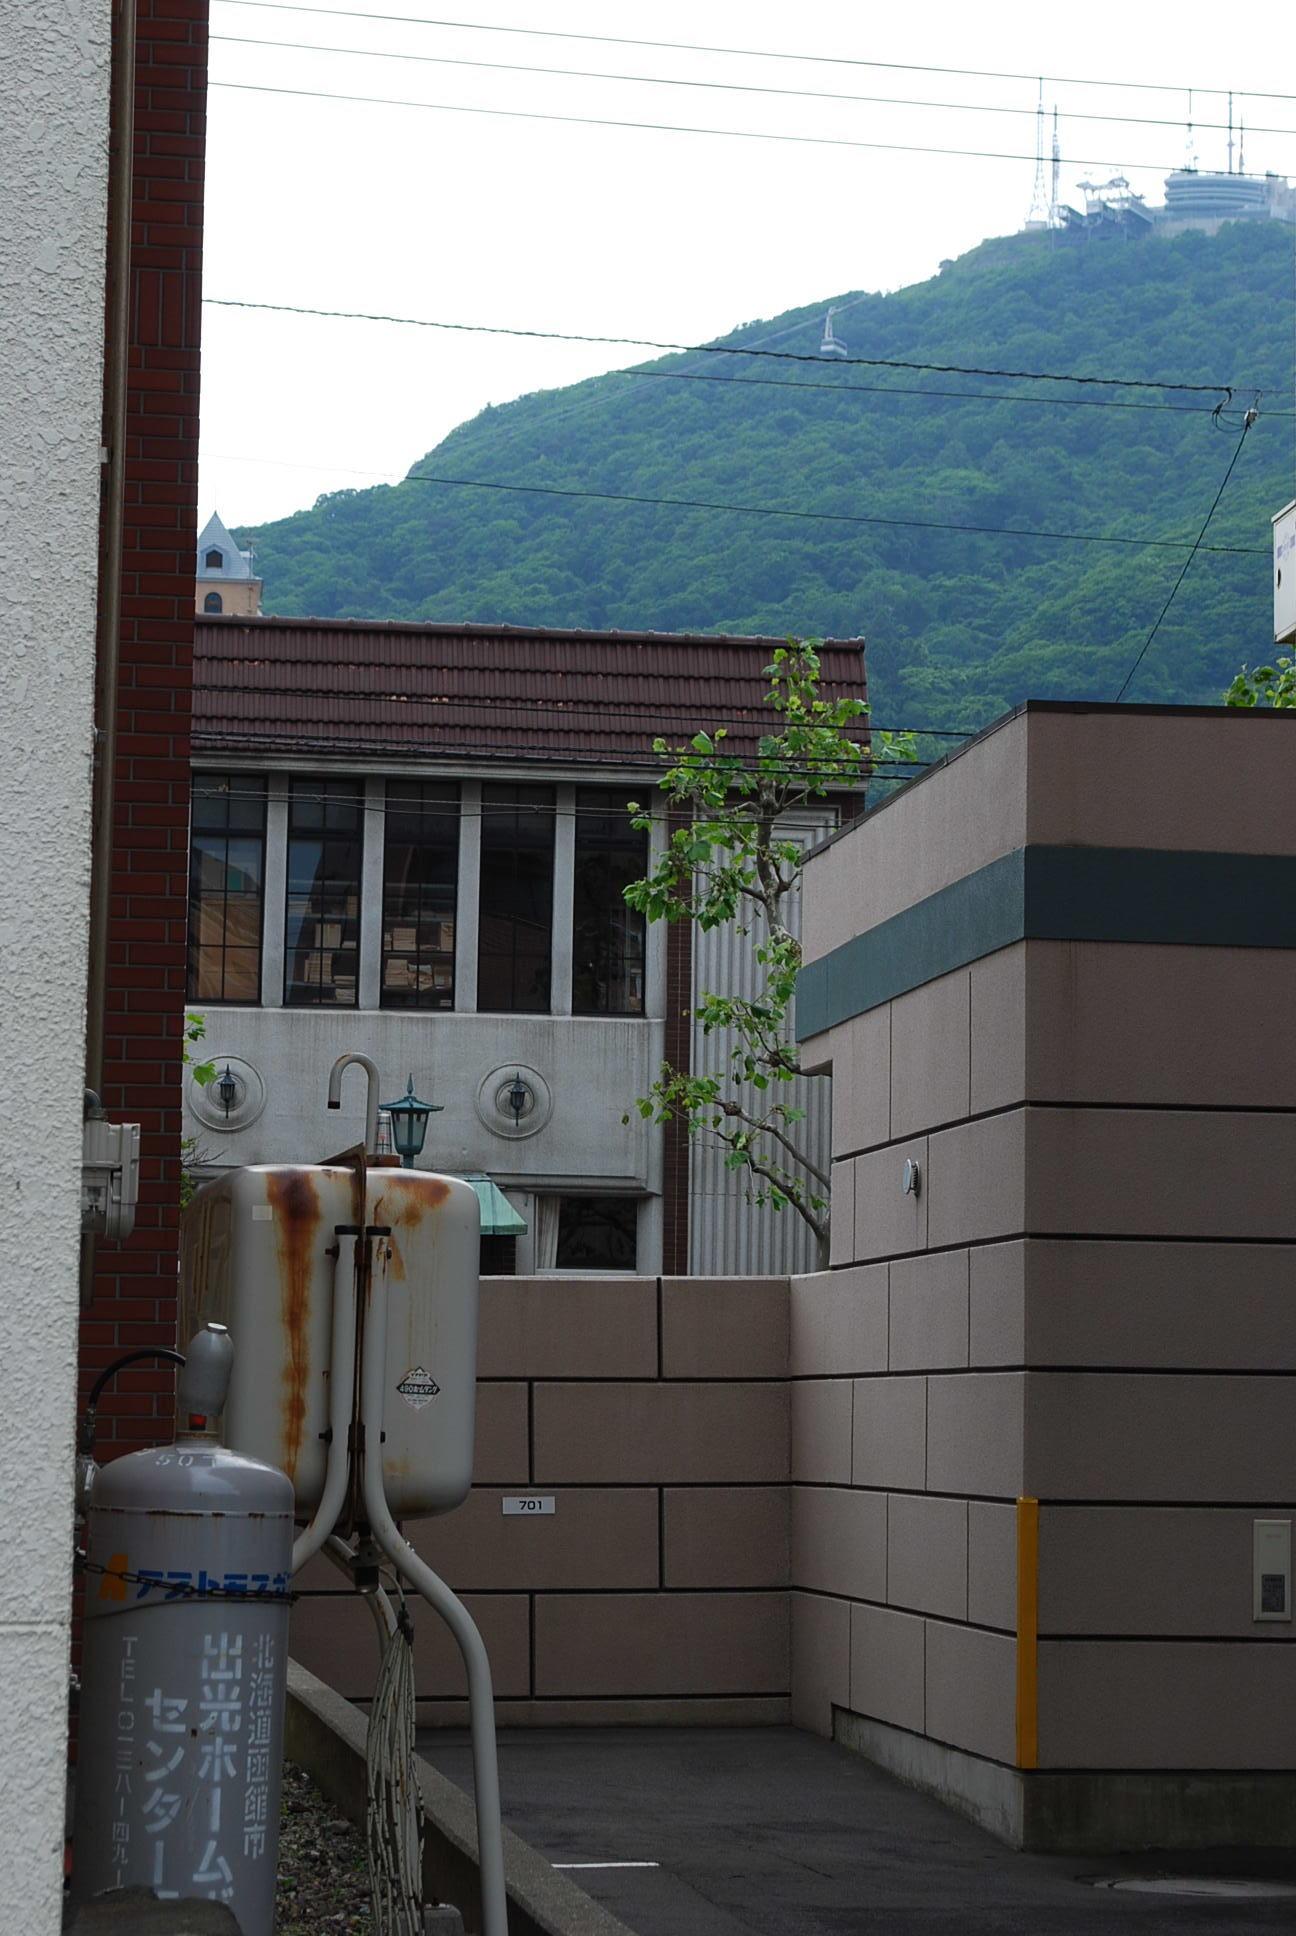 函館市末広町のイチヤマ商店(建築家・関根要太郎作品研究2021)_f0142606_17571129.jpg